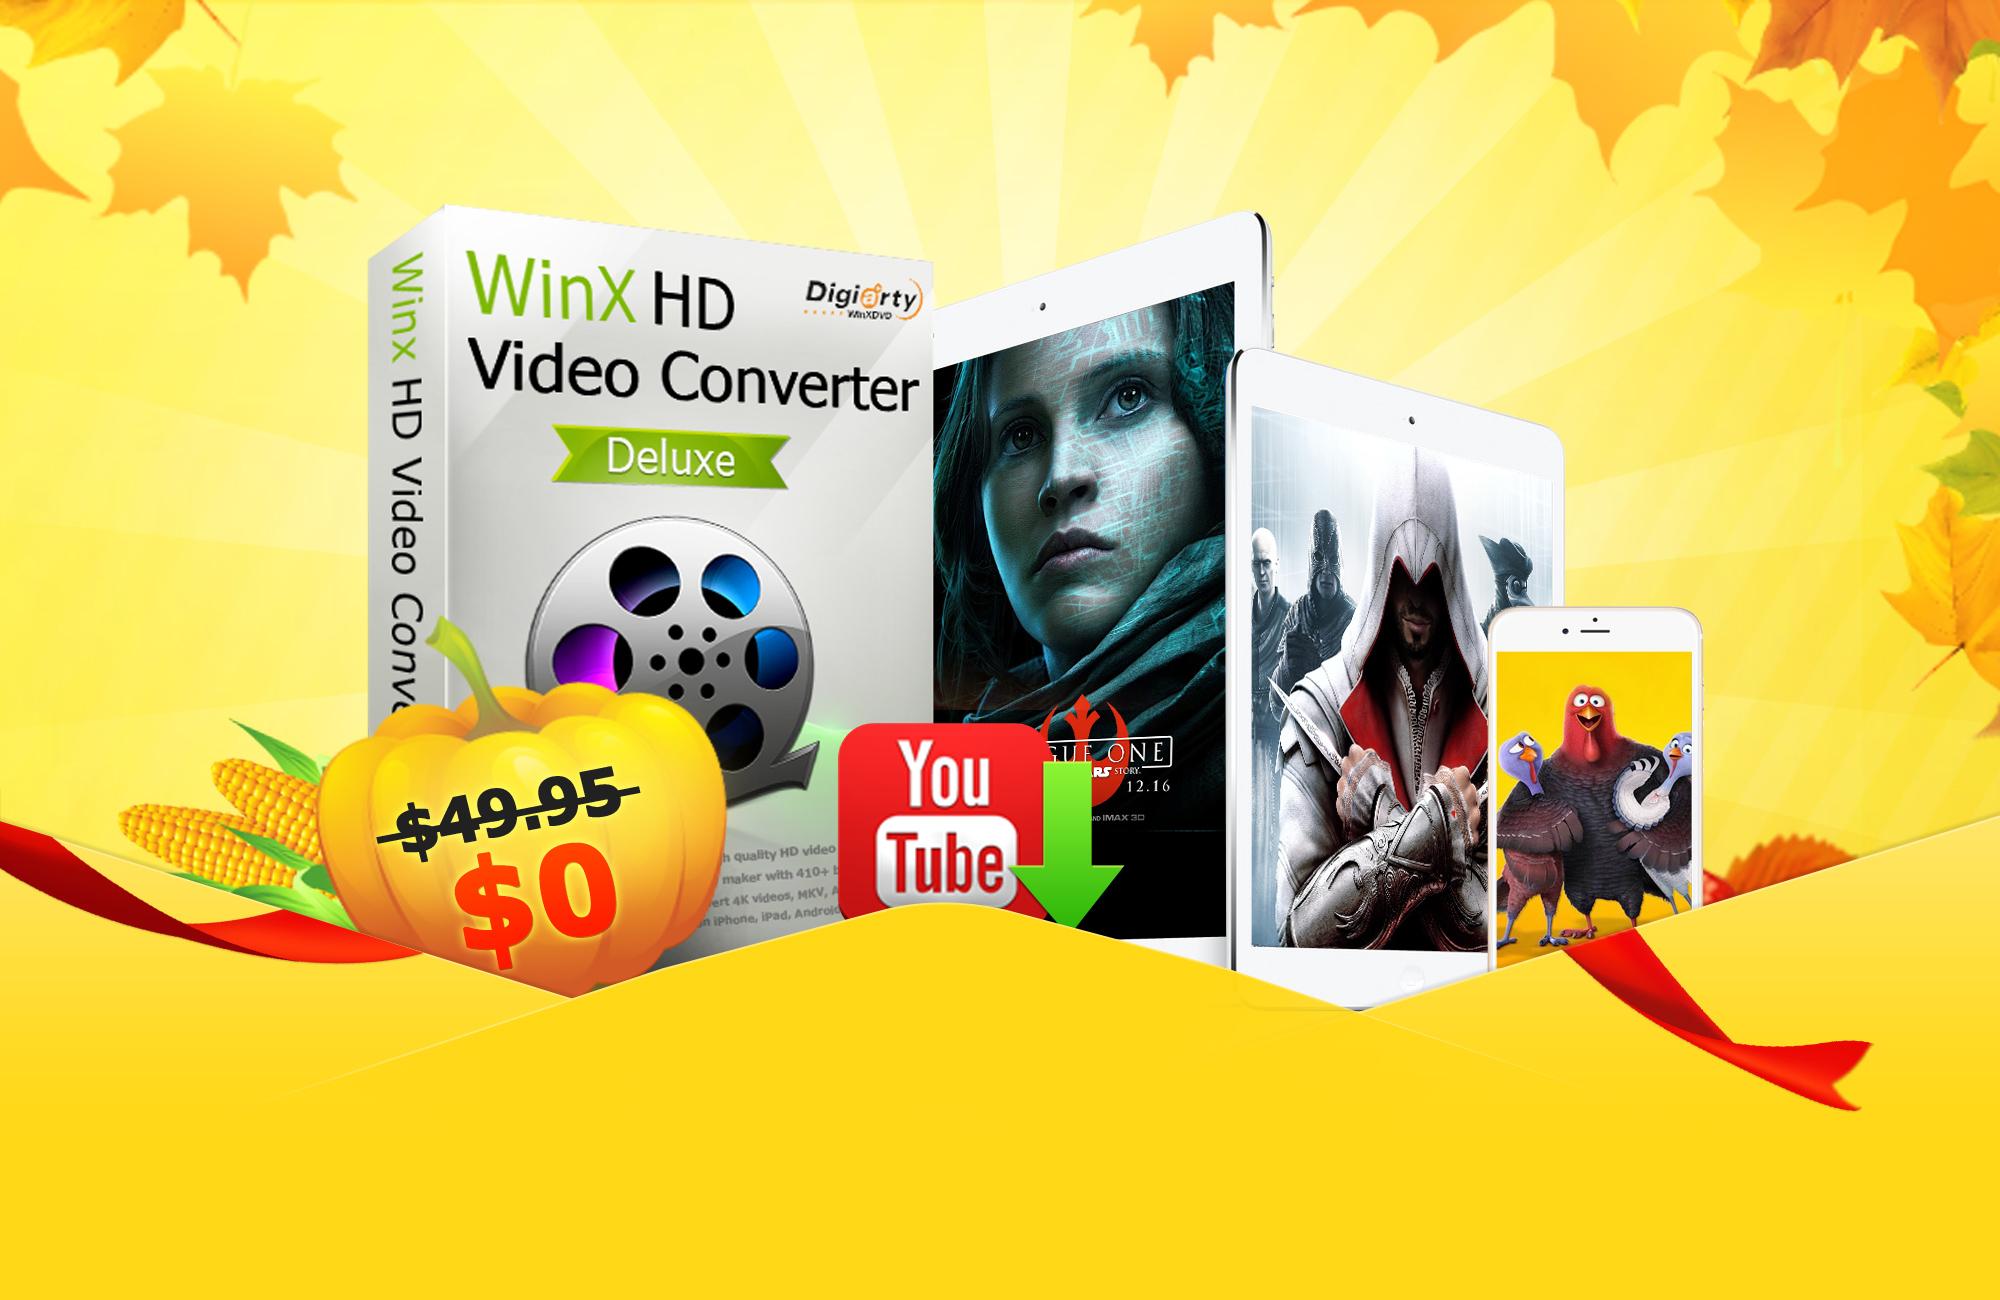 2000x1300 - Convertire qualsiasi video con WinX HD Video Converter Deluxe